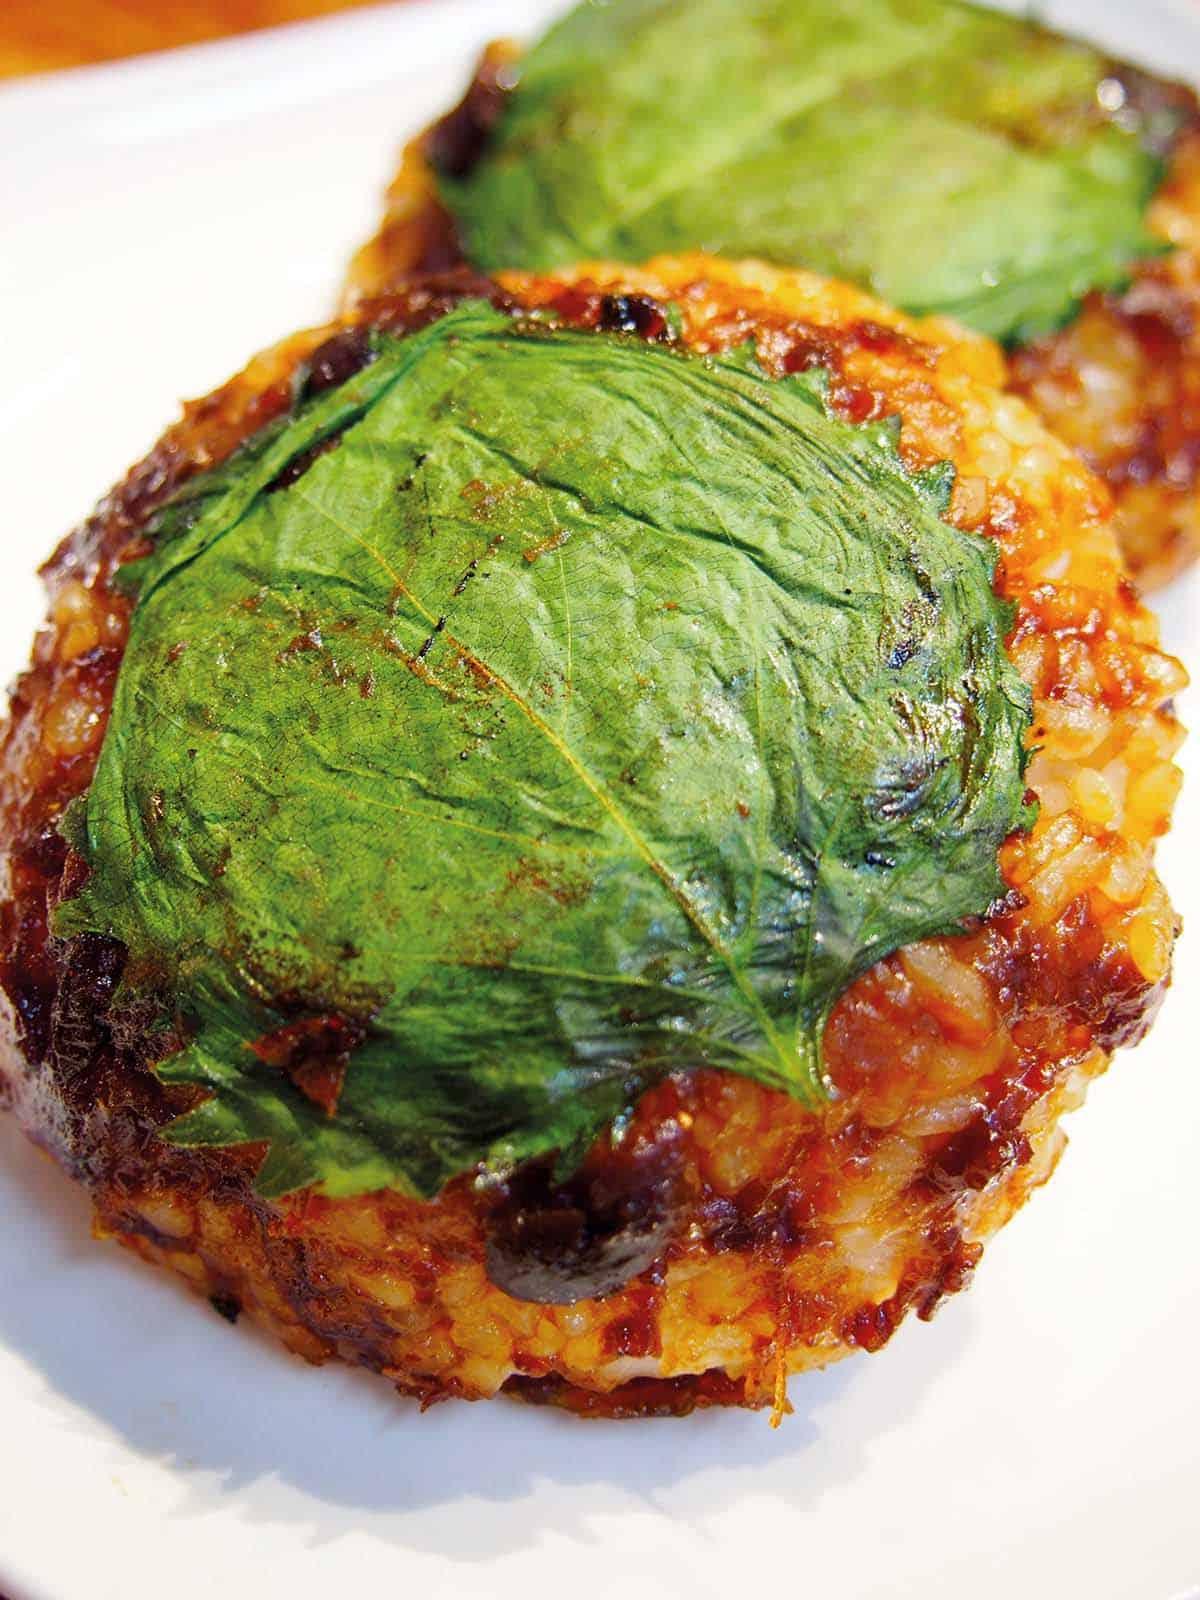 มิโซะยากิโอนิกิริ ข้าวปั้นย่างมิโซะและประกบด้วยใบโอบะ ของ จ.ยามากาตะ